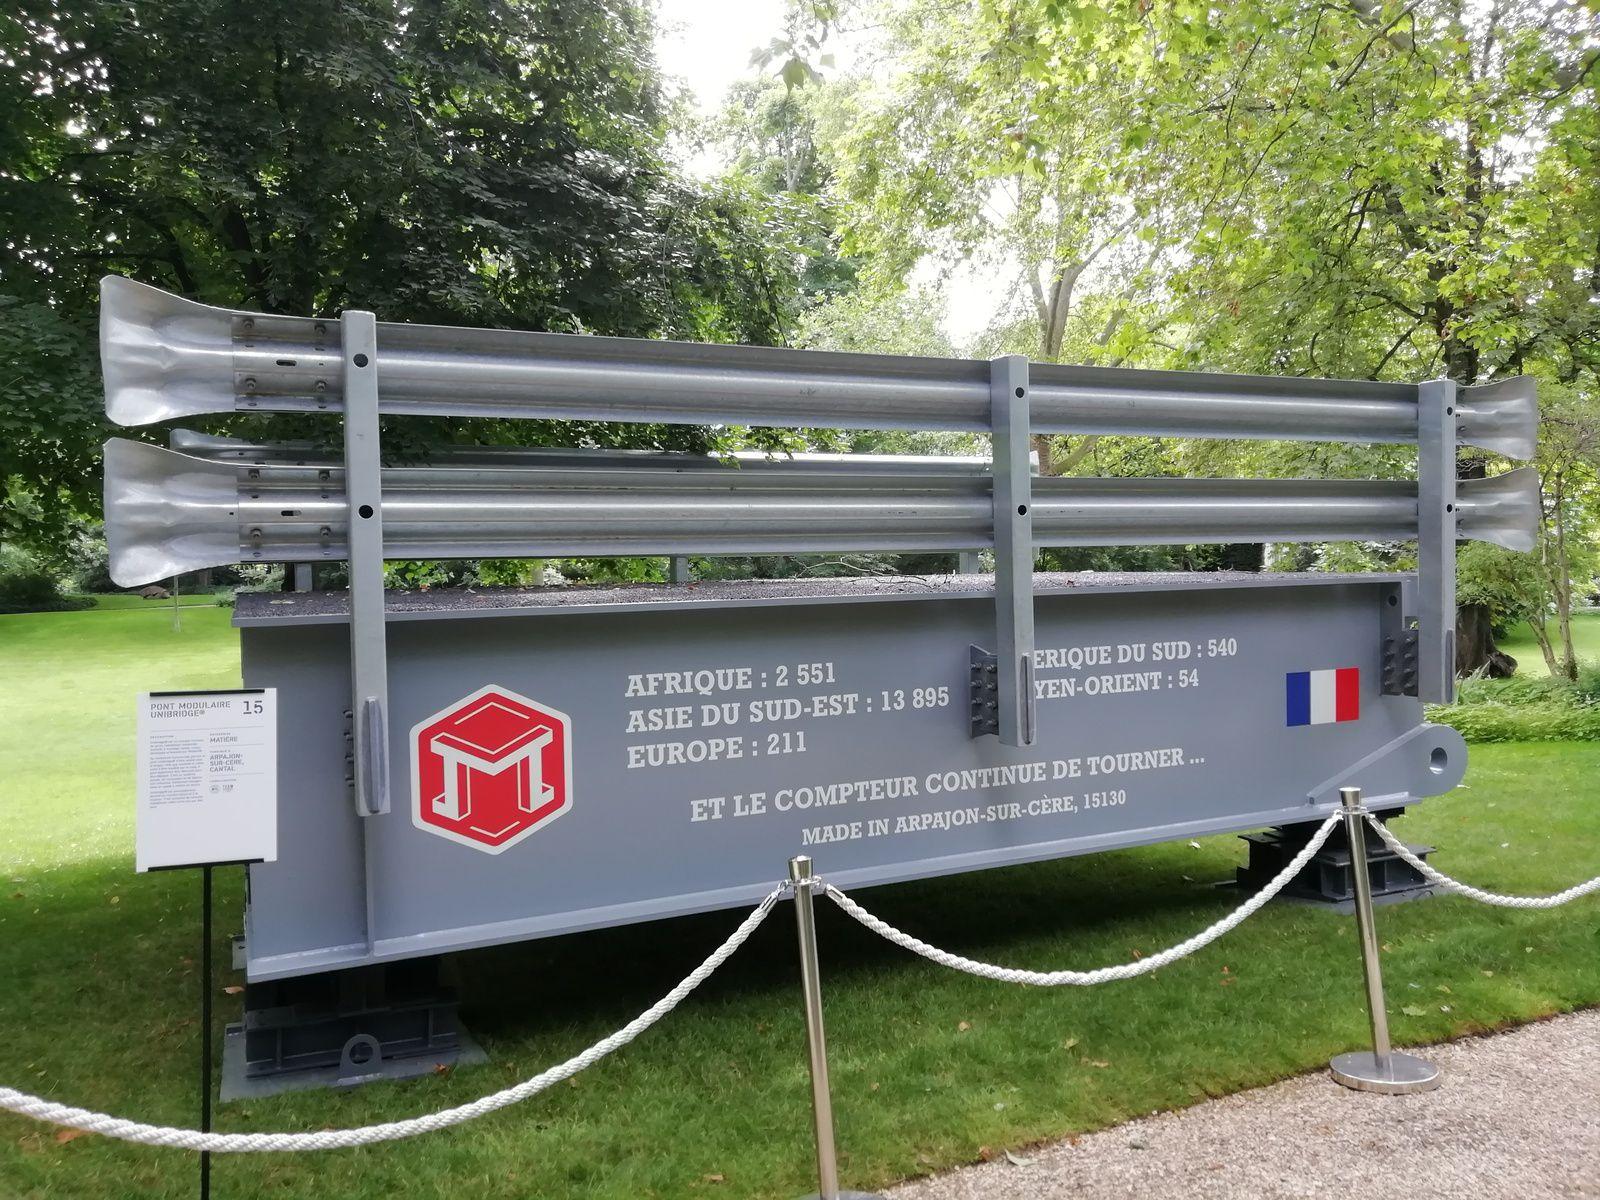 Photos J.S / 15 Cantal - Pont Modulaire Unibridge® par Matière ; 14 Calvados - Abri de touche VIP par Métalu-Plast